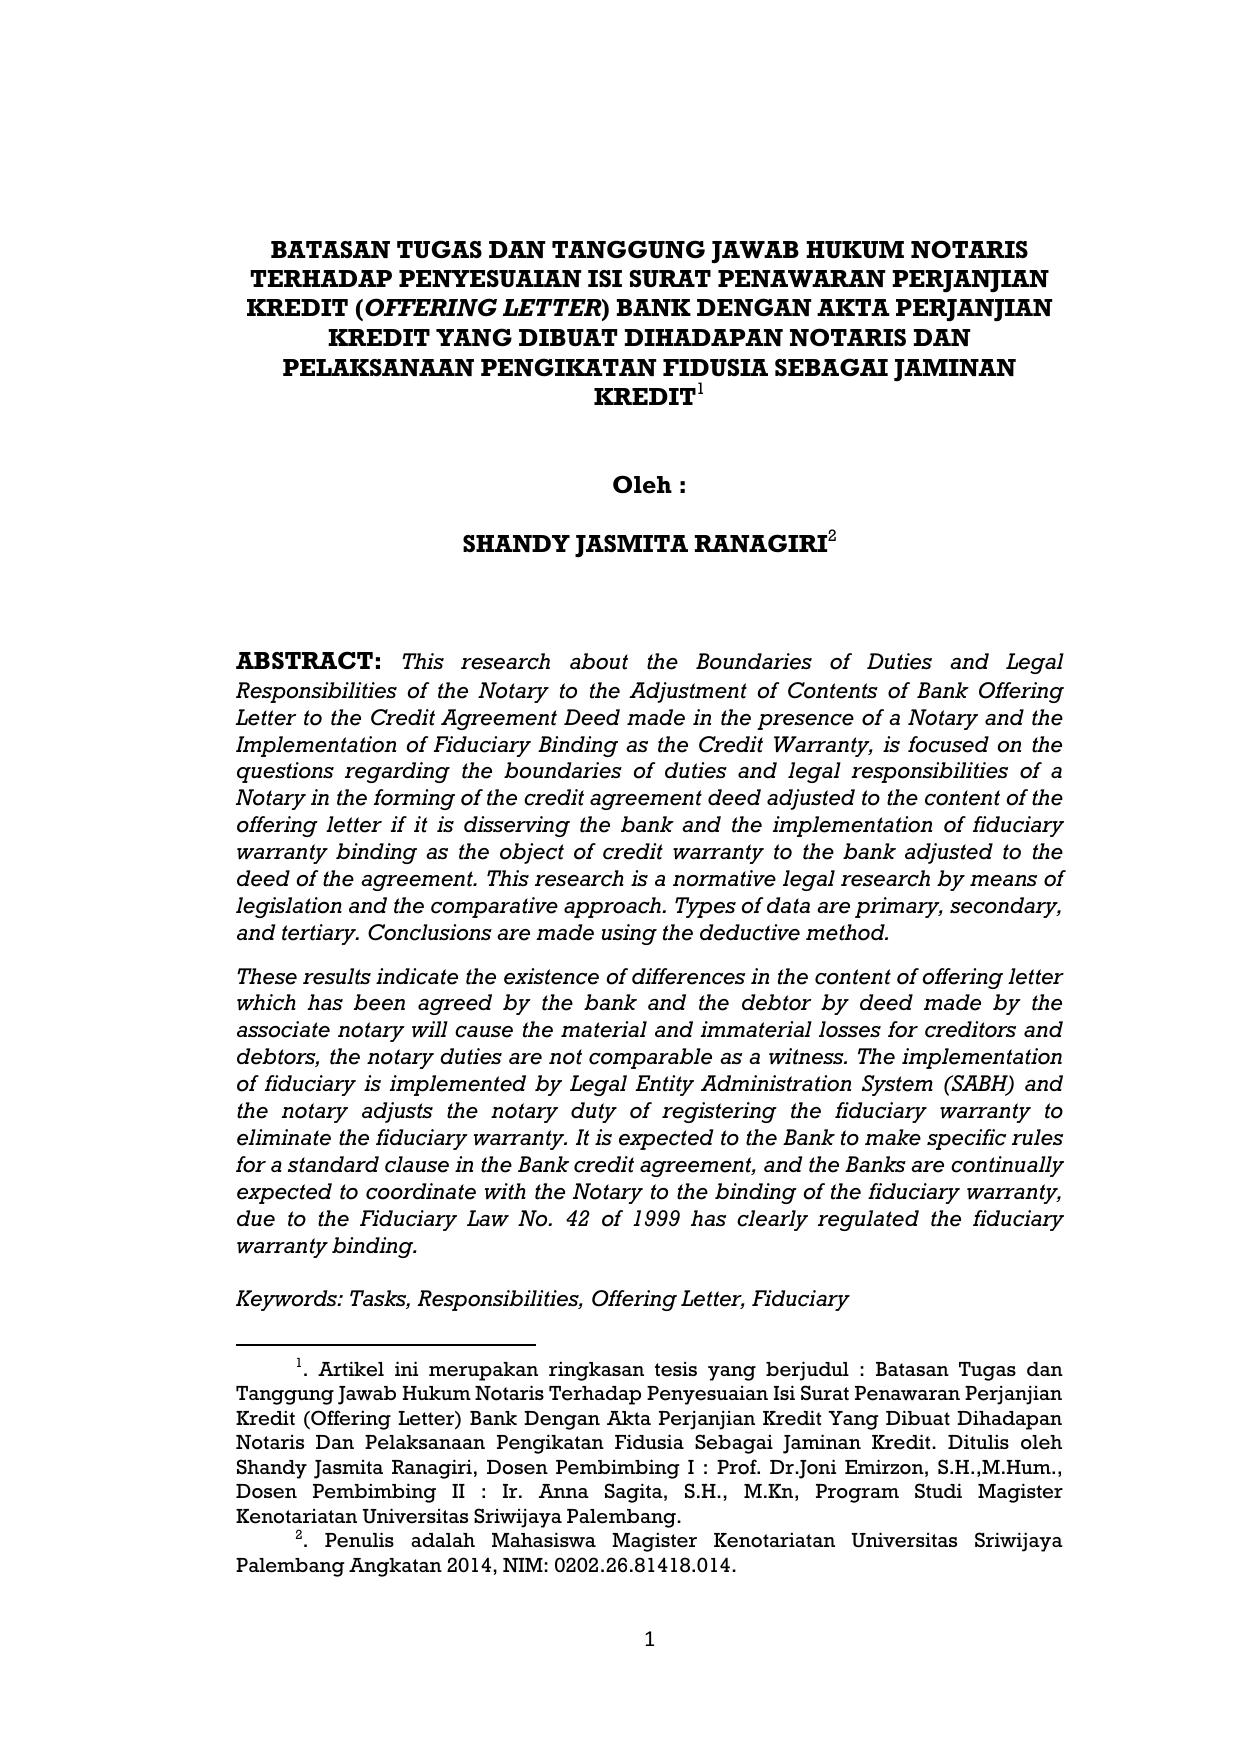 Batasan Tugas Dan Tanggung Jawab Hukum Notaris Terhadap